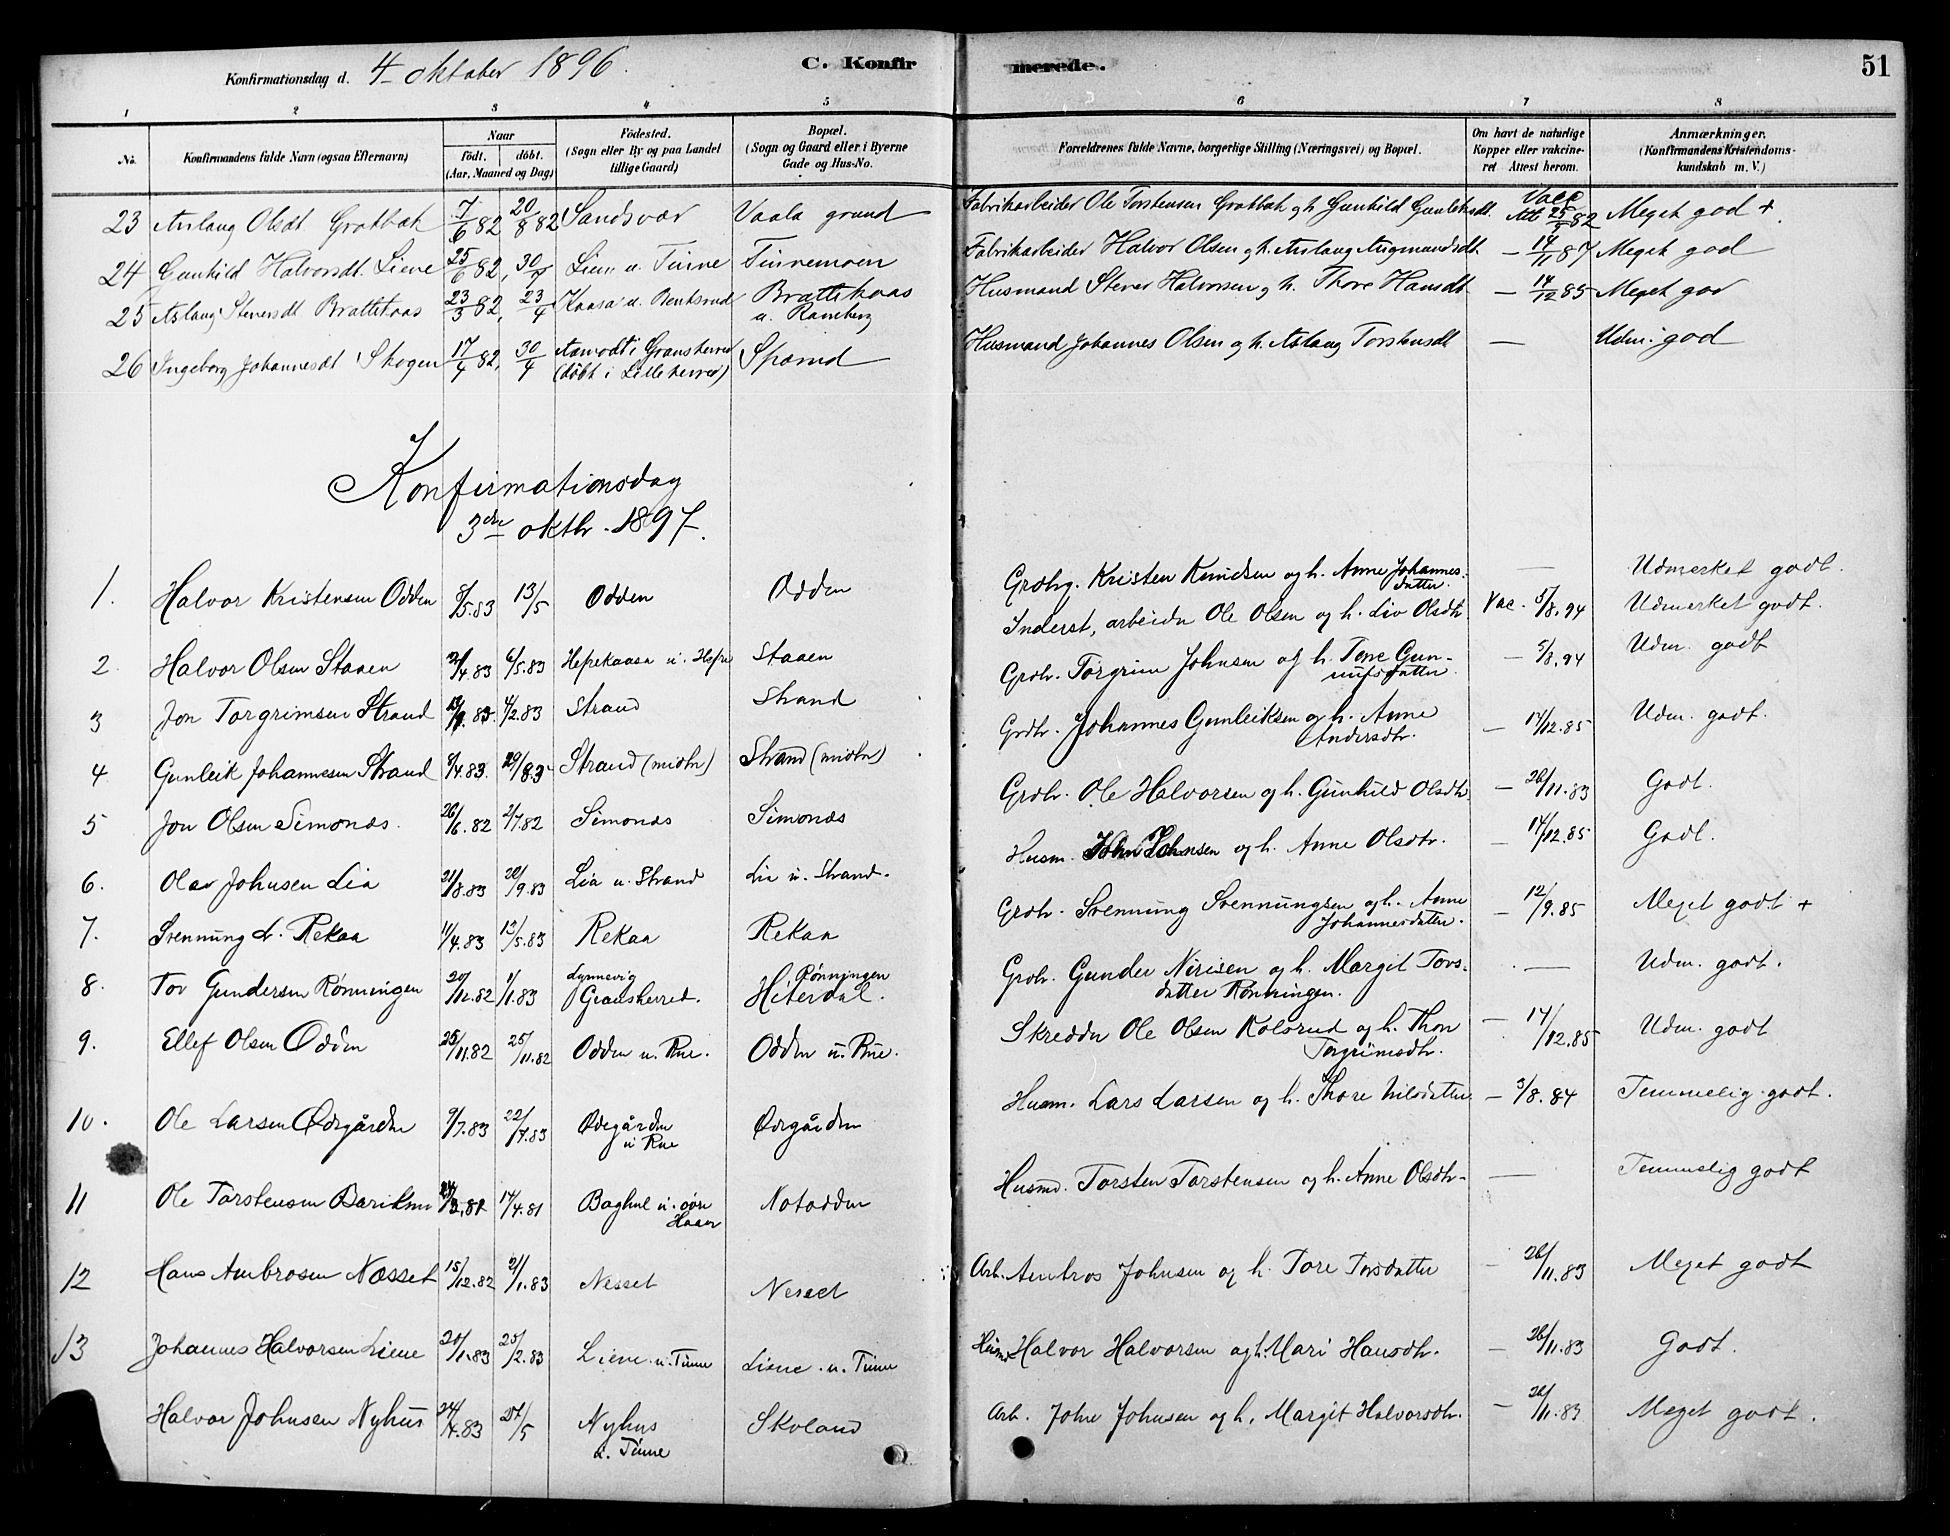 SAKO, Heddal kirkebøker, F/Fa/L0009: Ministerialbok nr. I 9, 1878-1903, s. 51